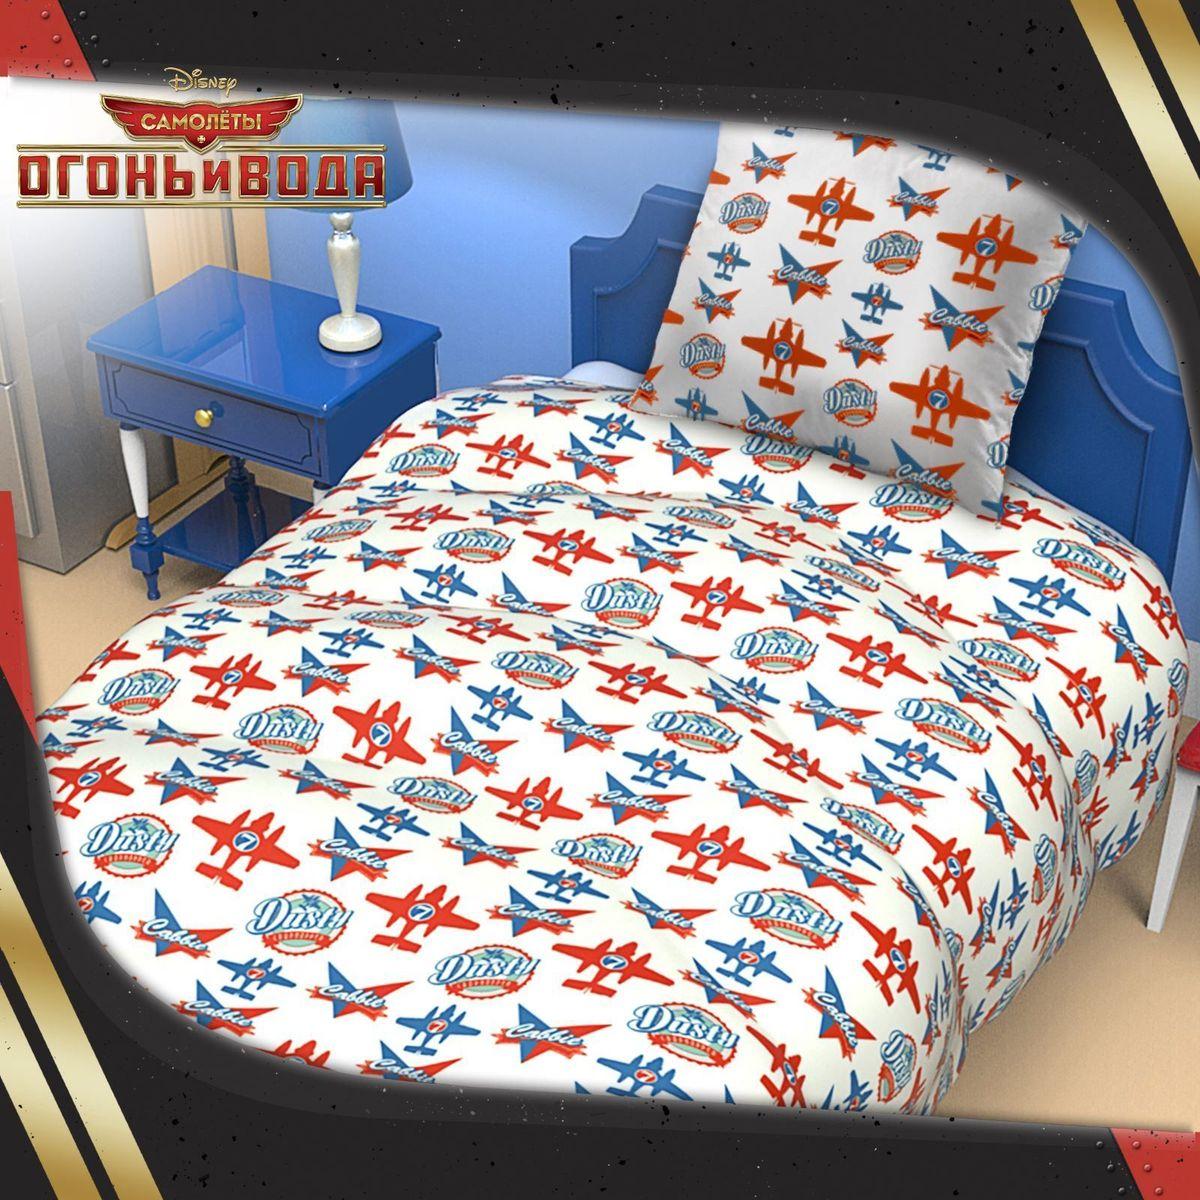 Disney Подушка Самолеты 50 х 70 11531611153161Сказочные сны с любимыми героями Disney. Маленький любитель мультфильмов Disney будет в восторге от этого яркого одеяла ! Оно подарит крохе захватывающие сны и по-настоящему доброе утро.Почему?Потому что подушка изготовлена в России на современном оборудовании, а при нанесении рисунка использовались только качественные европейские красители.Над дизайном работала команда настоящих мастеров своего дела: очаровательные персонажи мультфильмов, детально проработанная картинка, гармоничное сочетание цветов — всё это результат их кропотливой работы.В качестве наполнителя для изделия используется файбер — практичный, безопасный и мягкий материал.